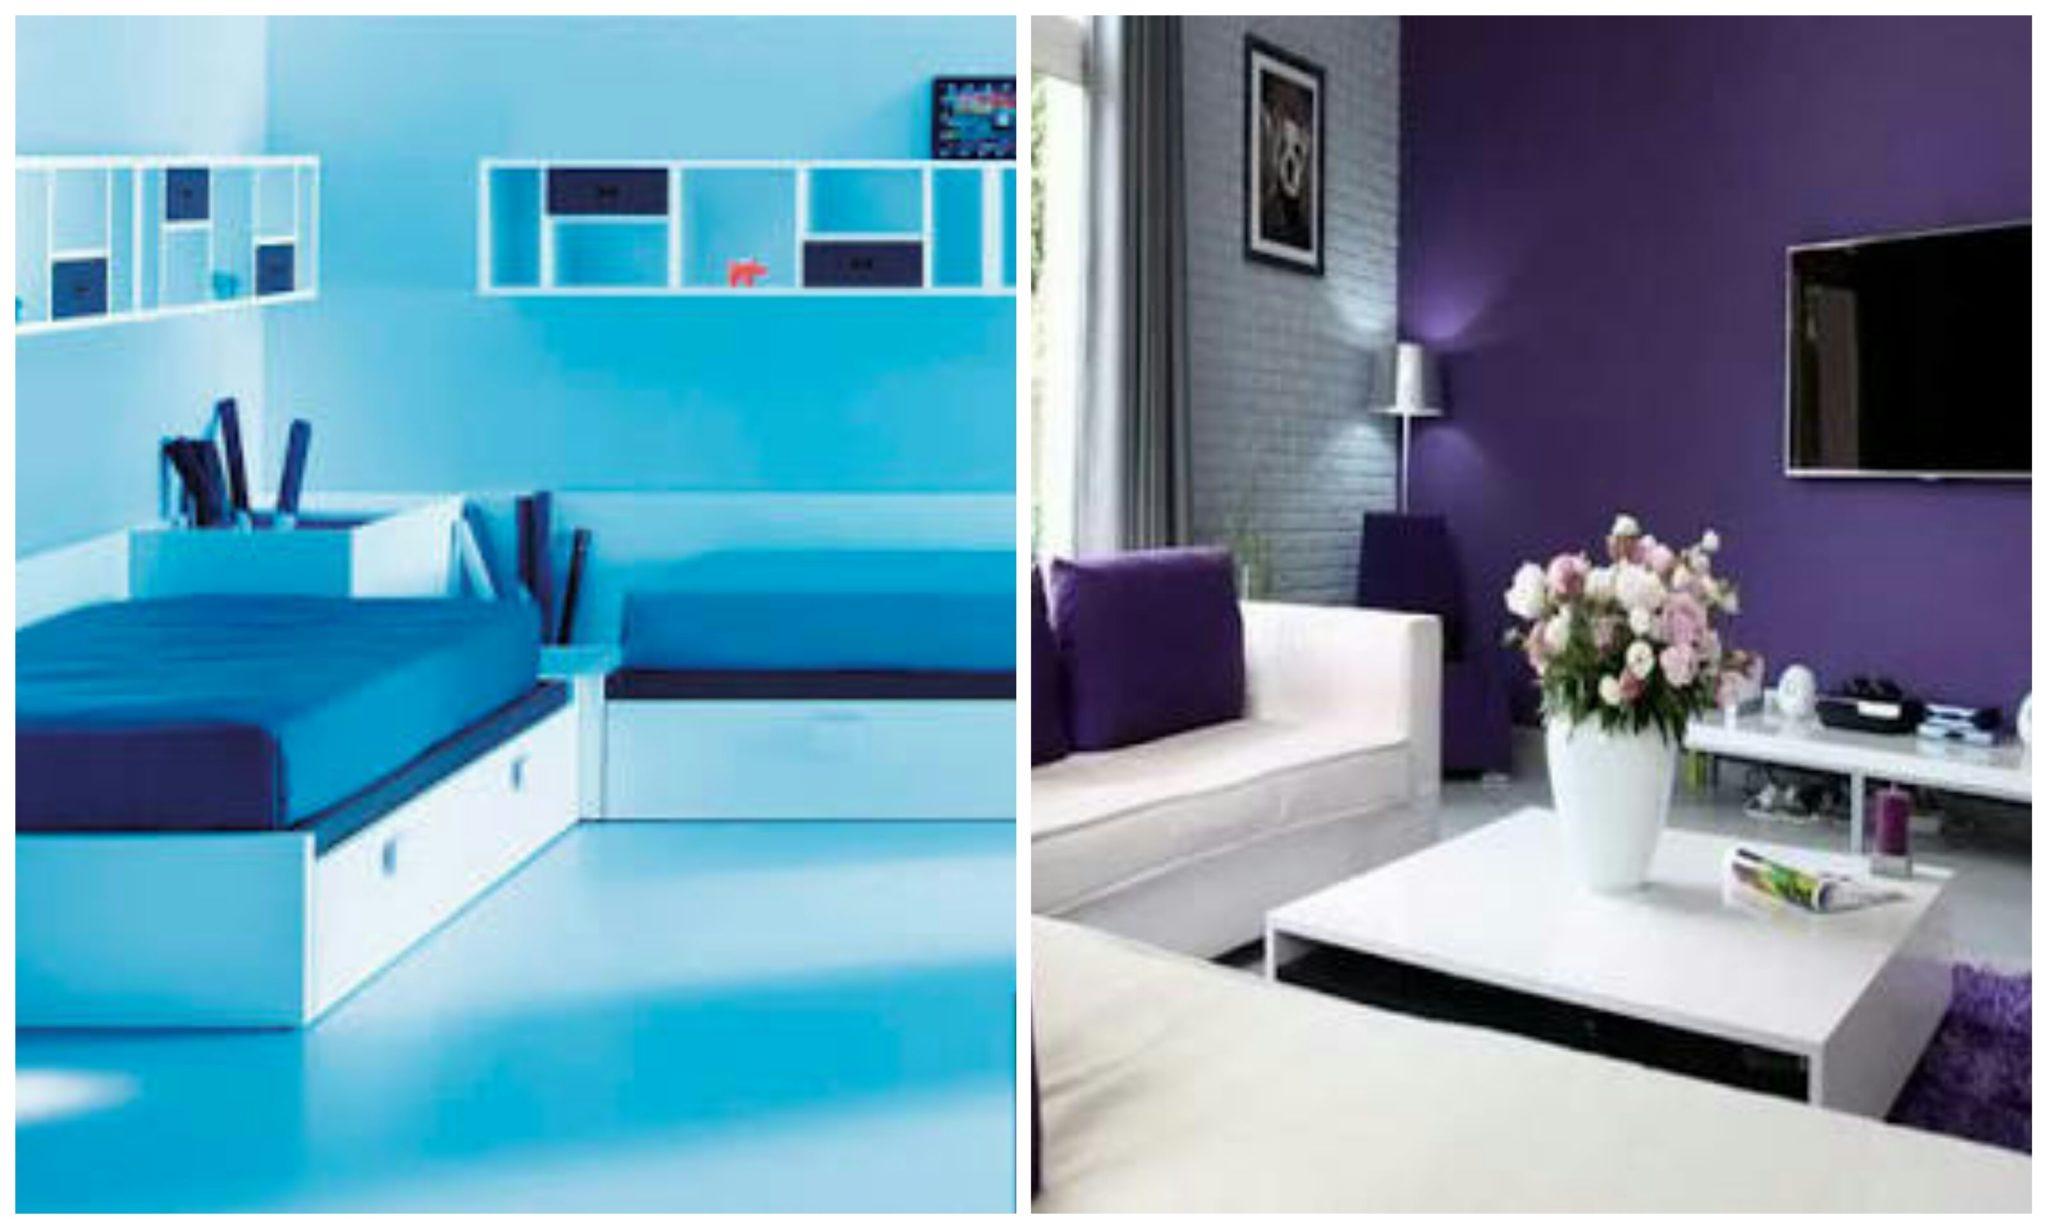 Single coloured boring room vs. Two-coloured bright room